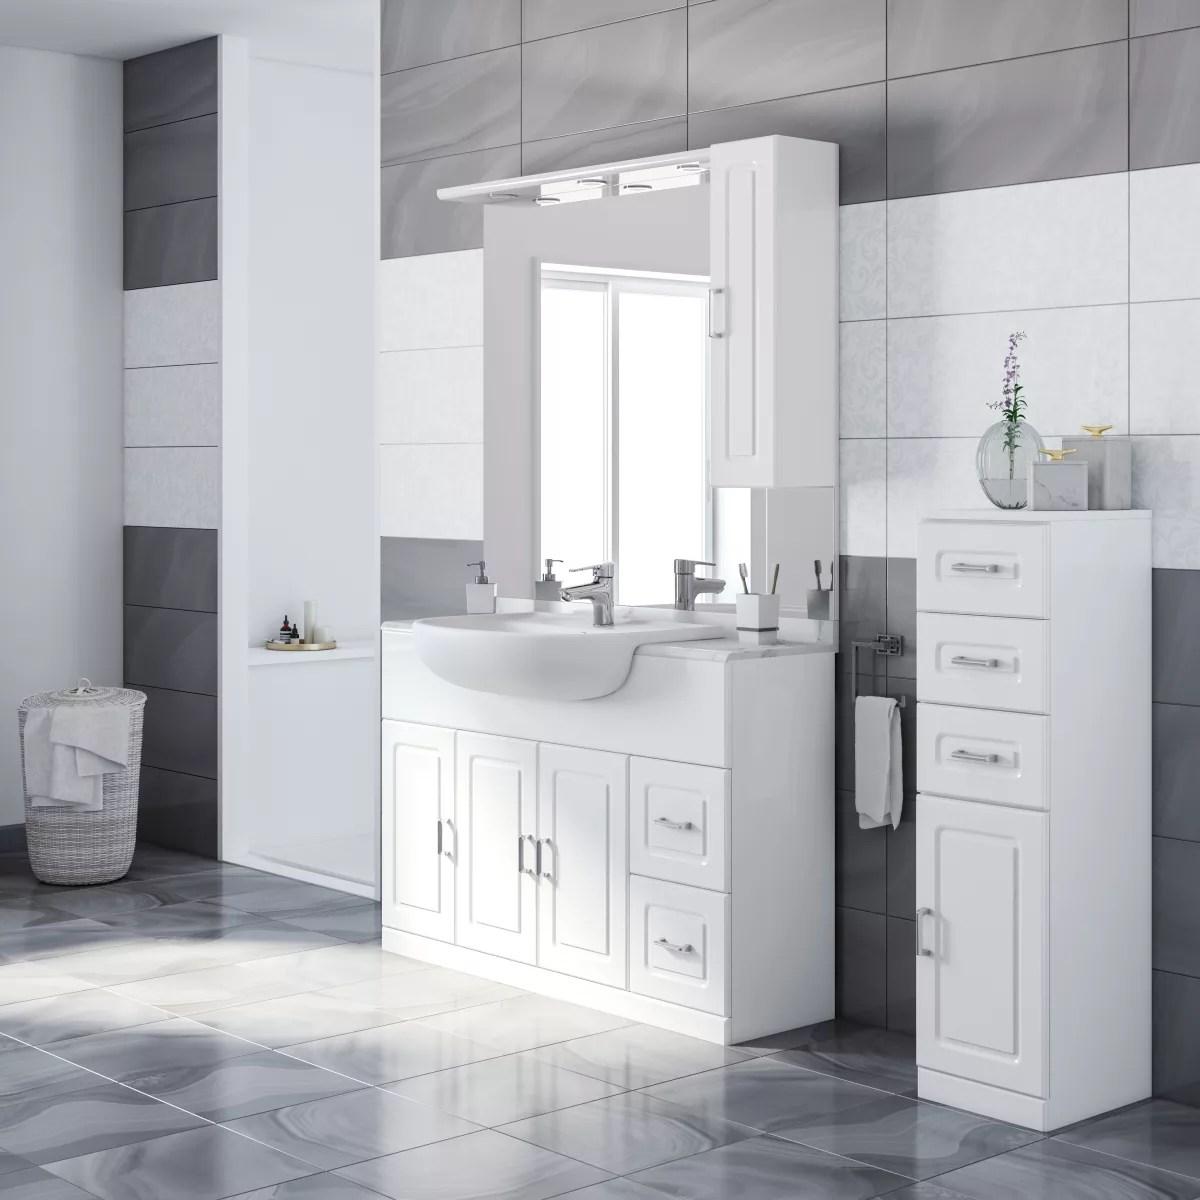 Mobile bagno Paola bianco L 120 cm prezzi e offerte online